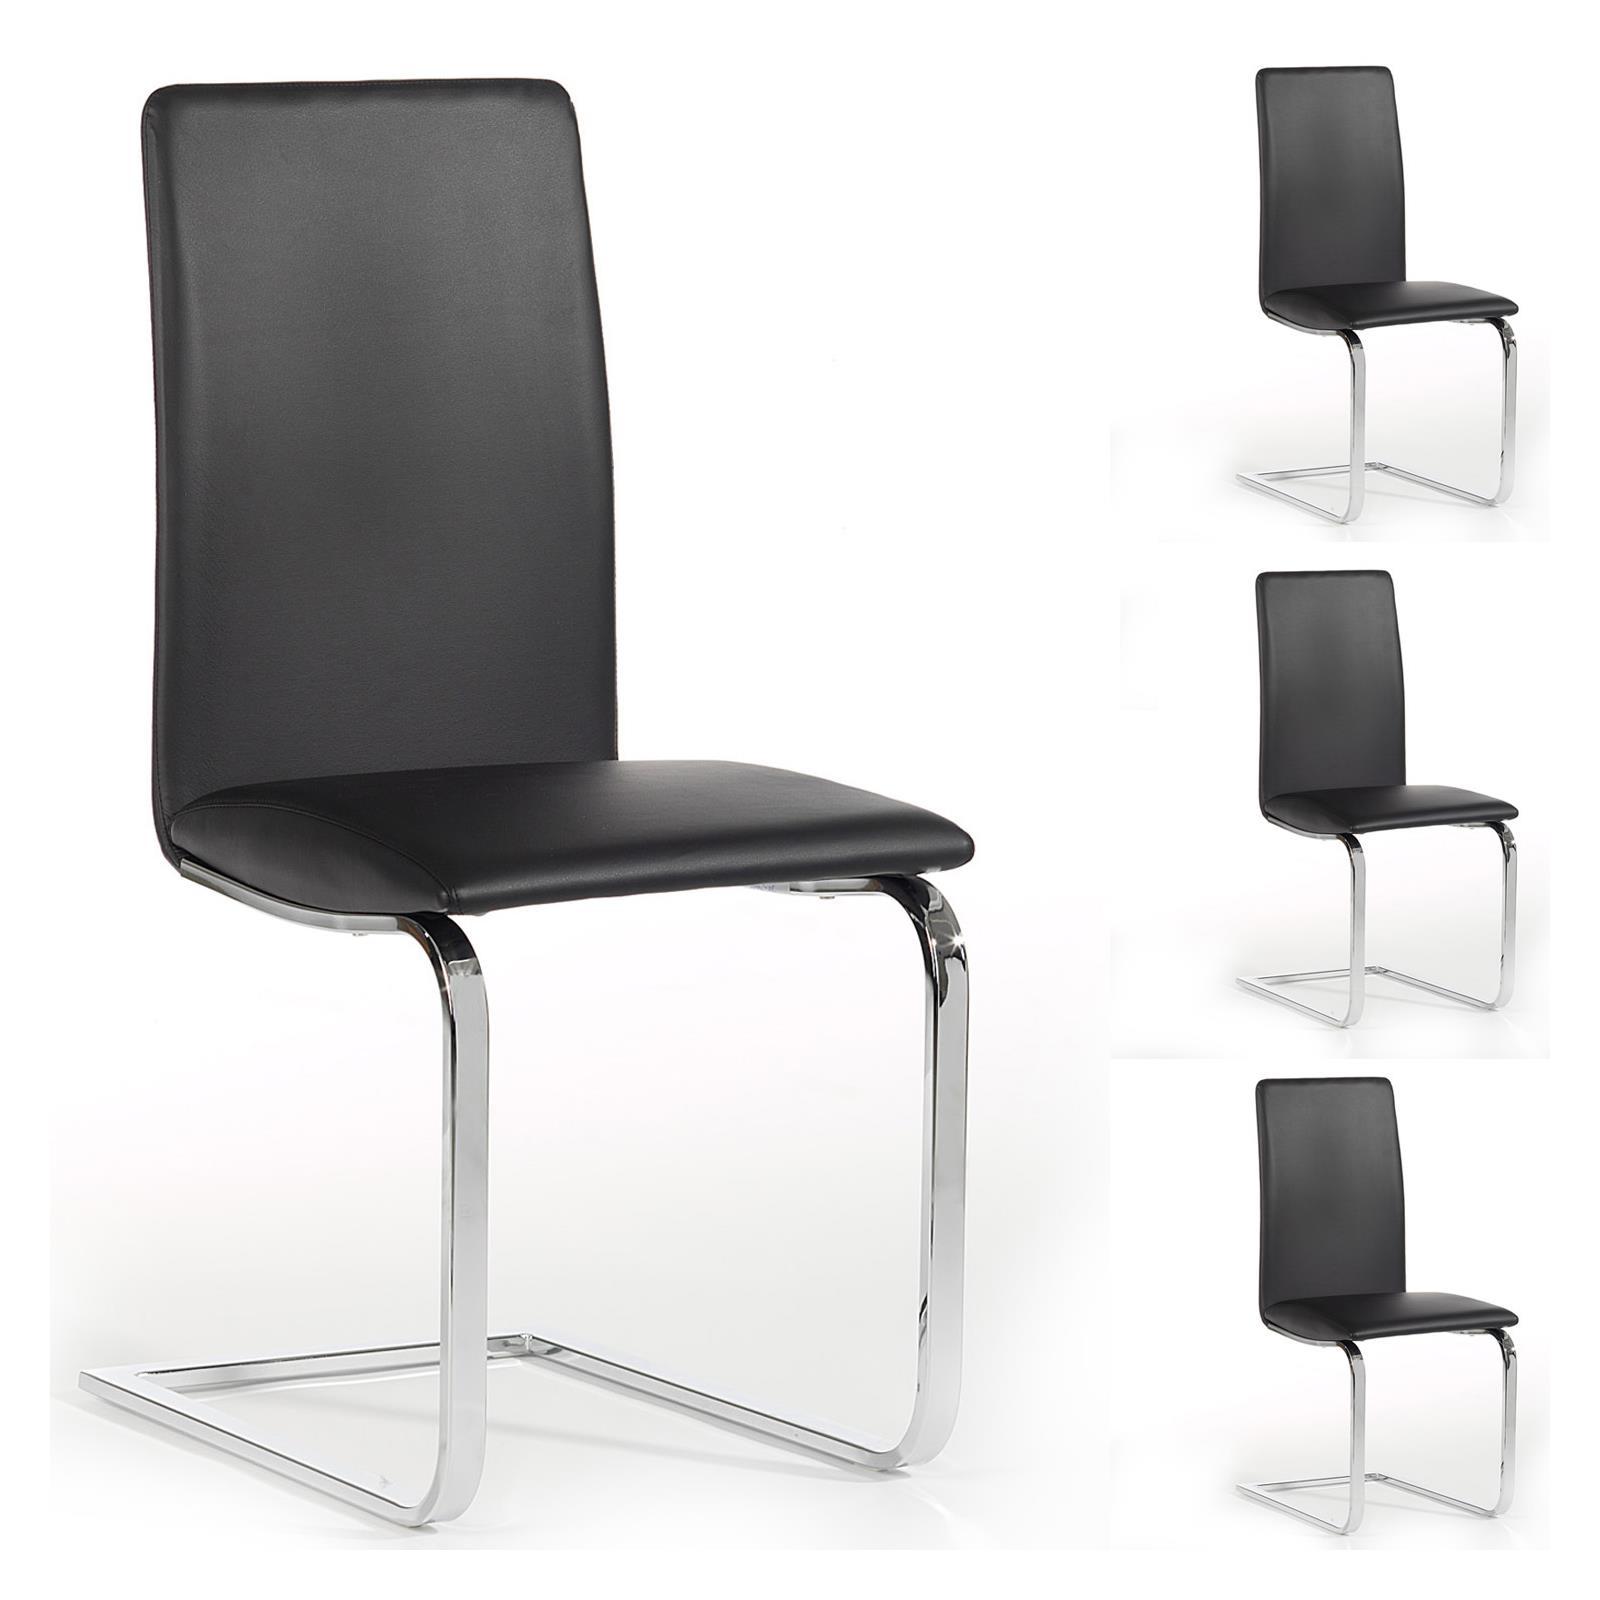 4er set schwingstuhl esszimmerstuhl freischwinger essgruppe k chenstuhl ebay. Black Bedroom Furniture Sets. Home Design Ideas